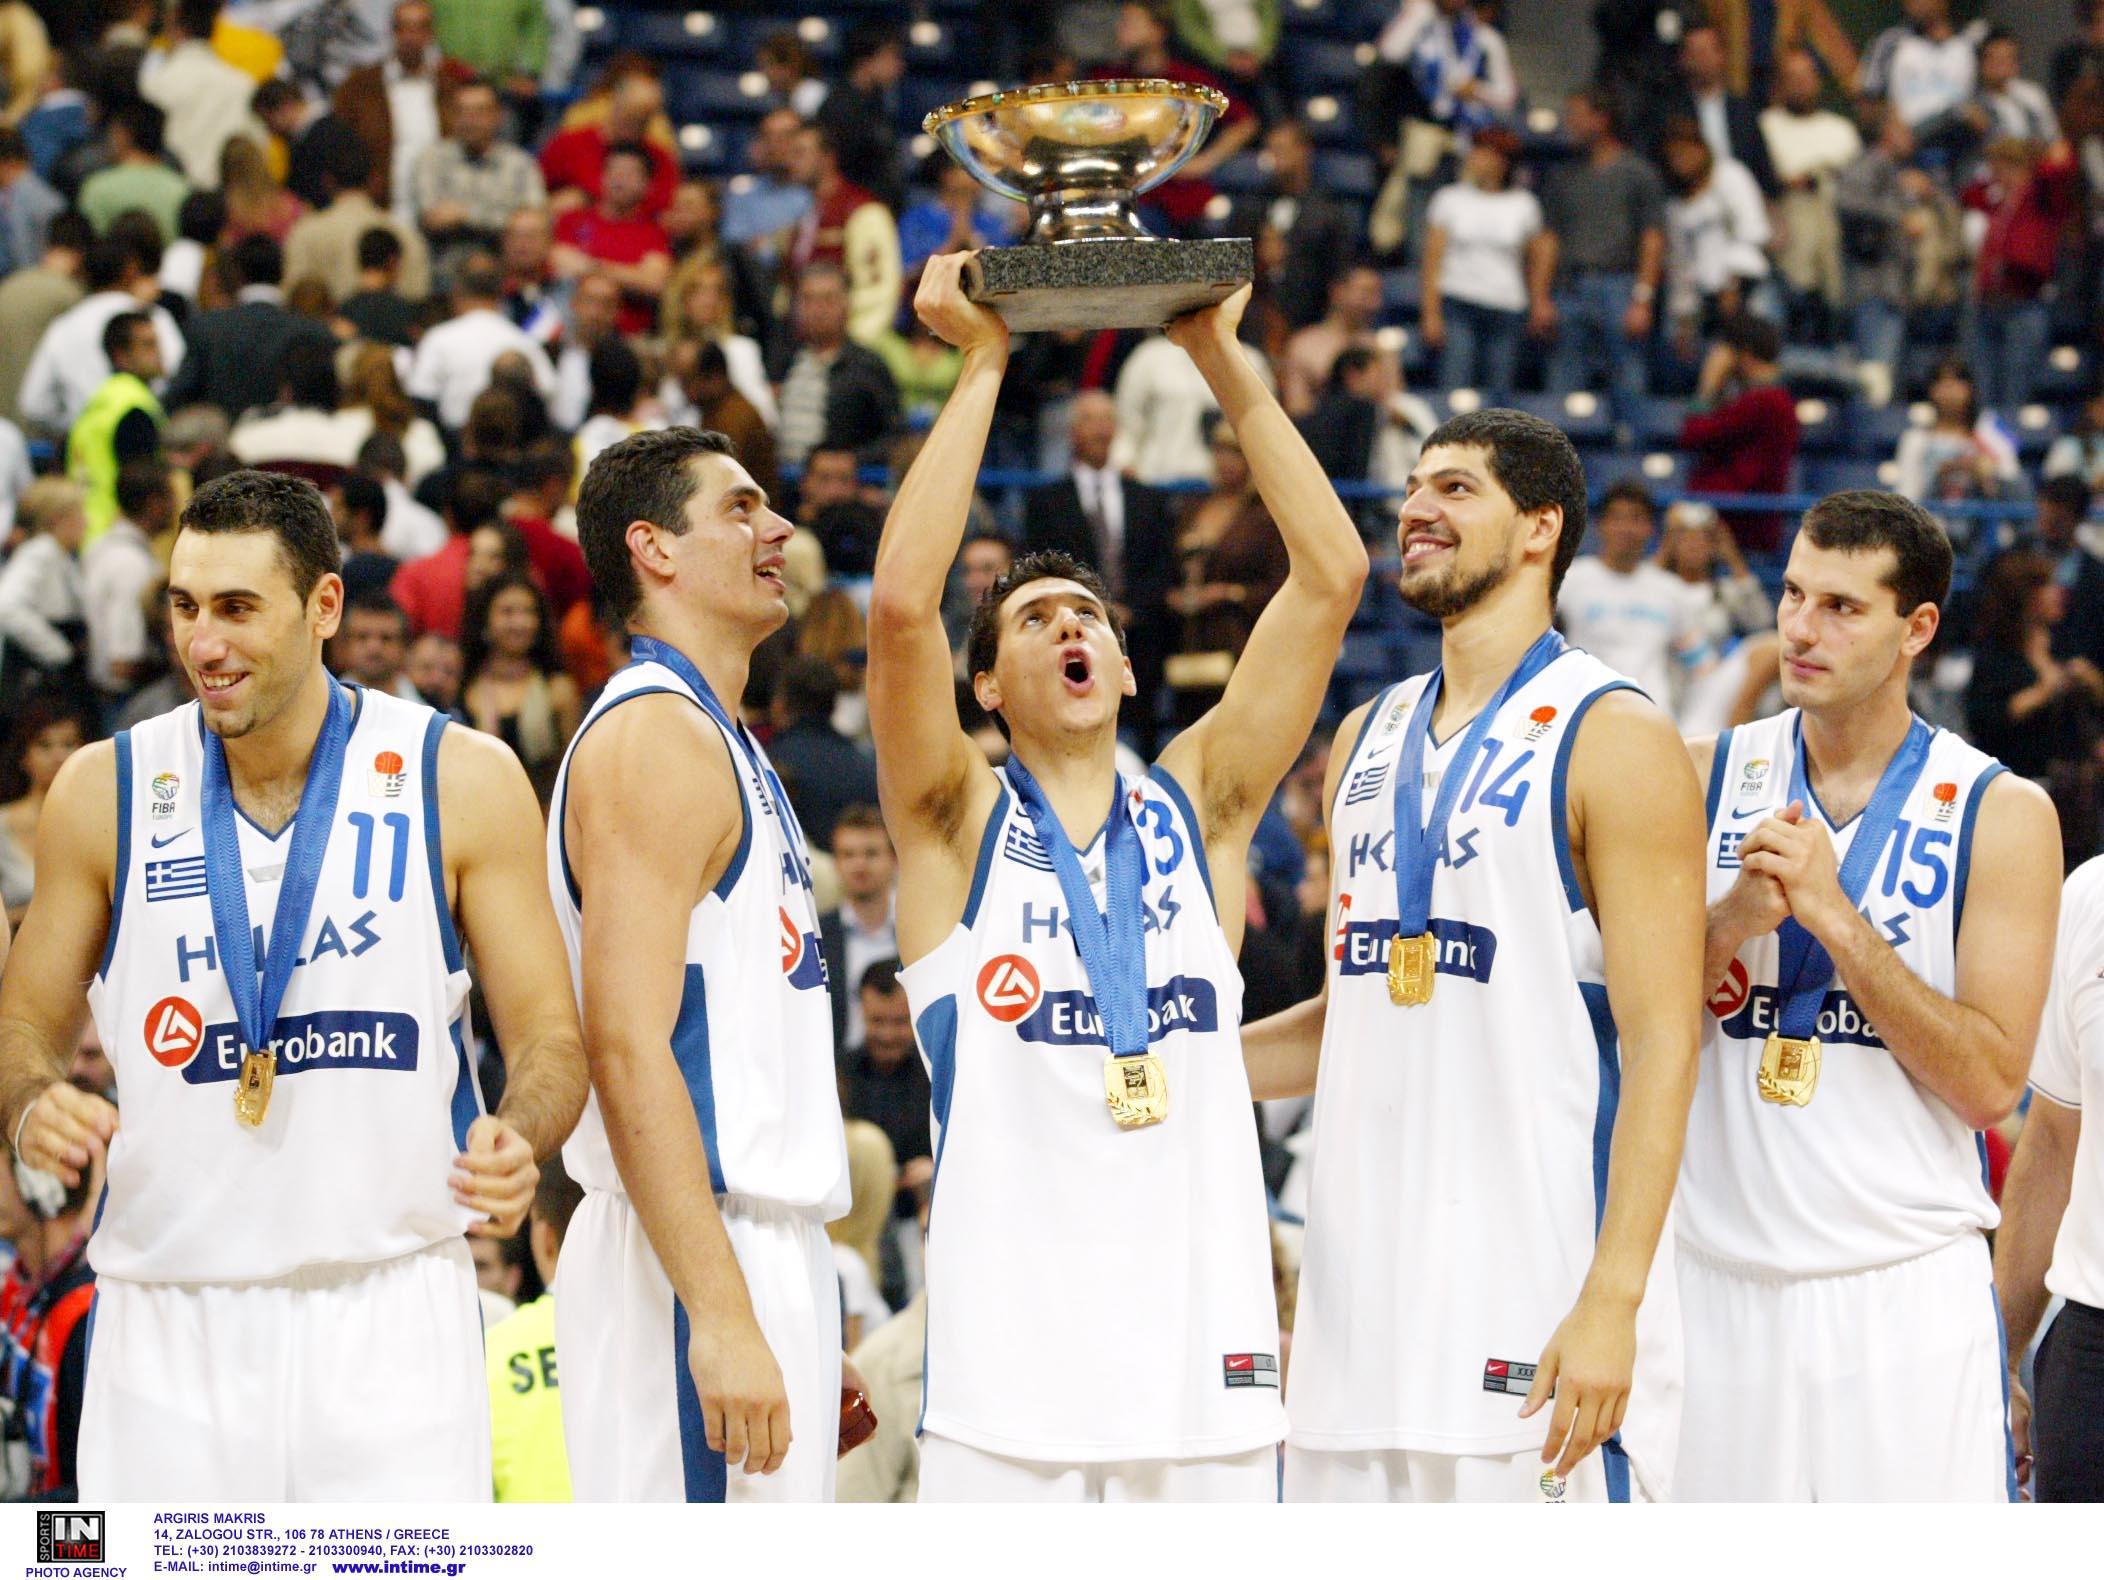 Εθνική Ελλάδας – Σαν σήμερα: Όταν η γαλανόλευκη κατακτούσε για δεύτερη φορά την κορυφή του ευρωπαϊκού μπάσκετ